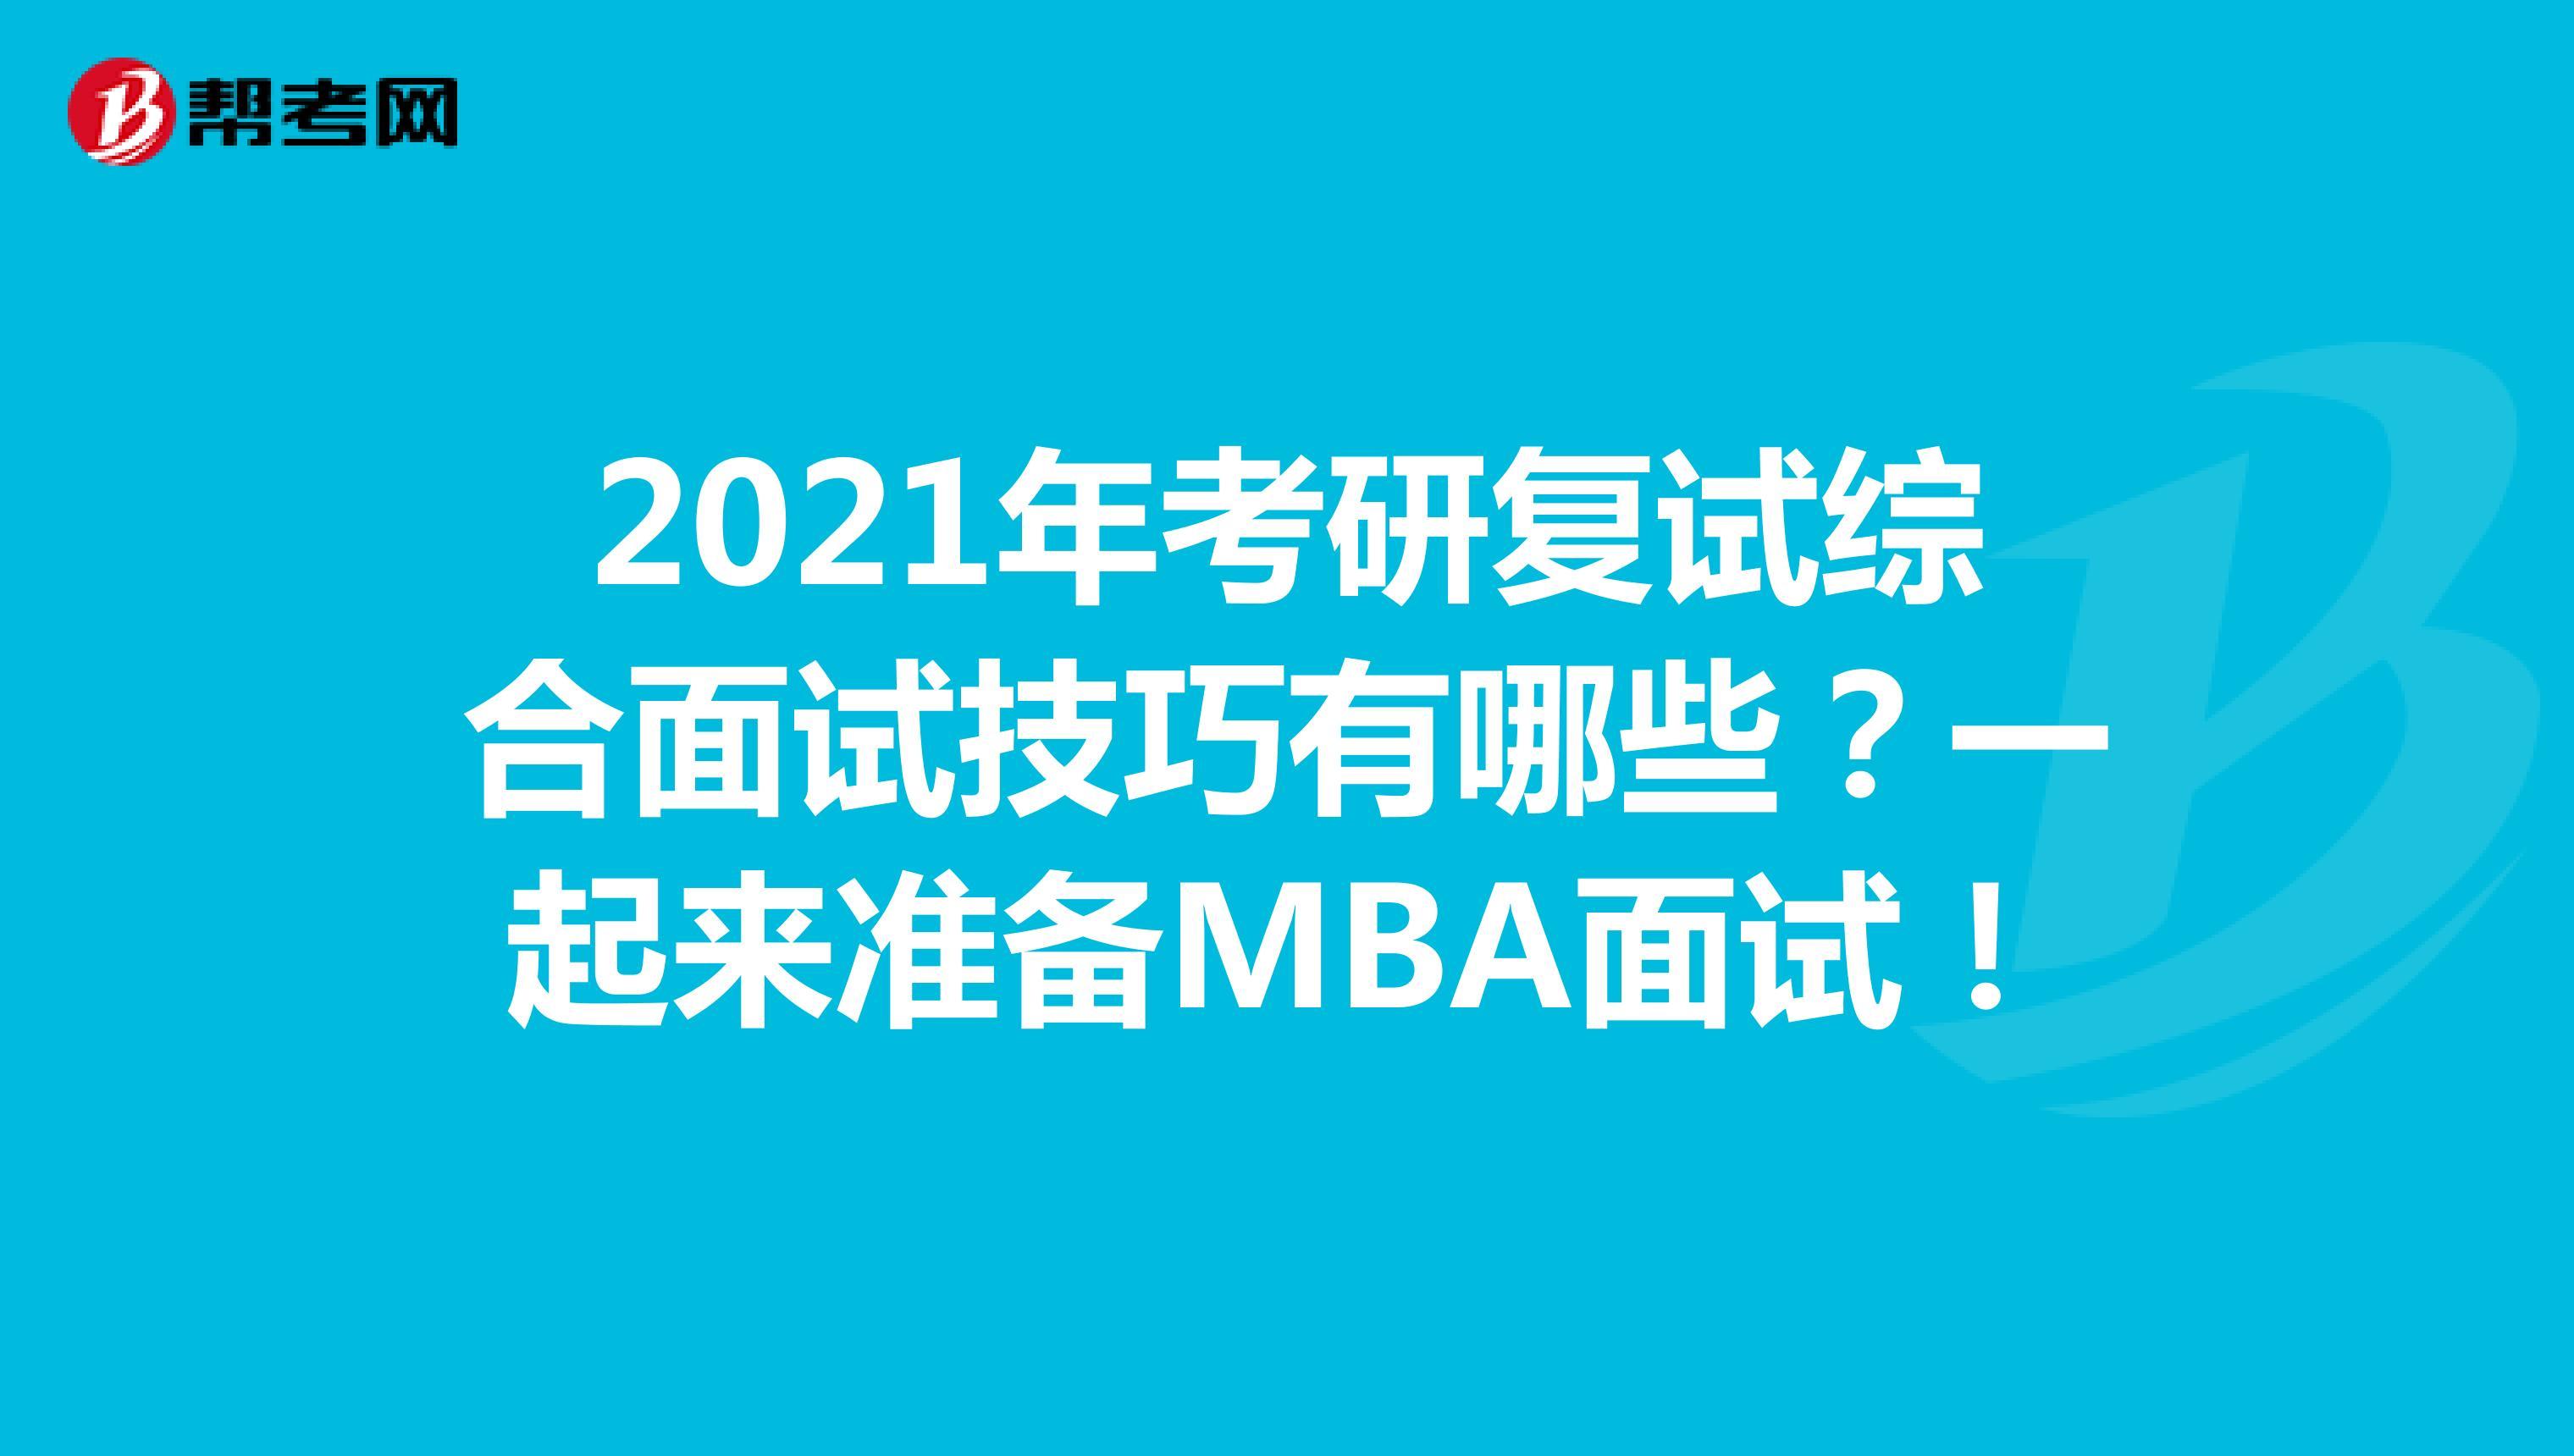 2021年考研复试综合面试技巧有哪些?一起来准备MBA面试!